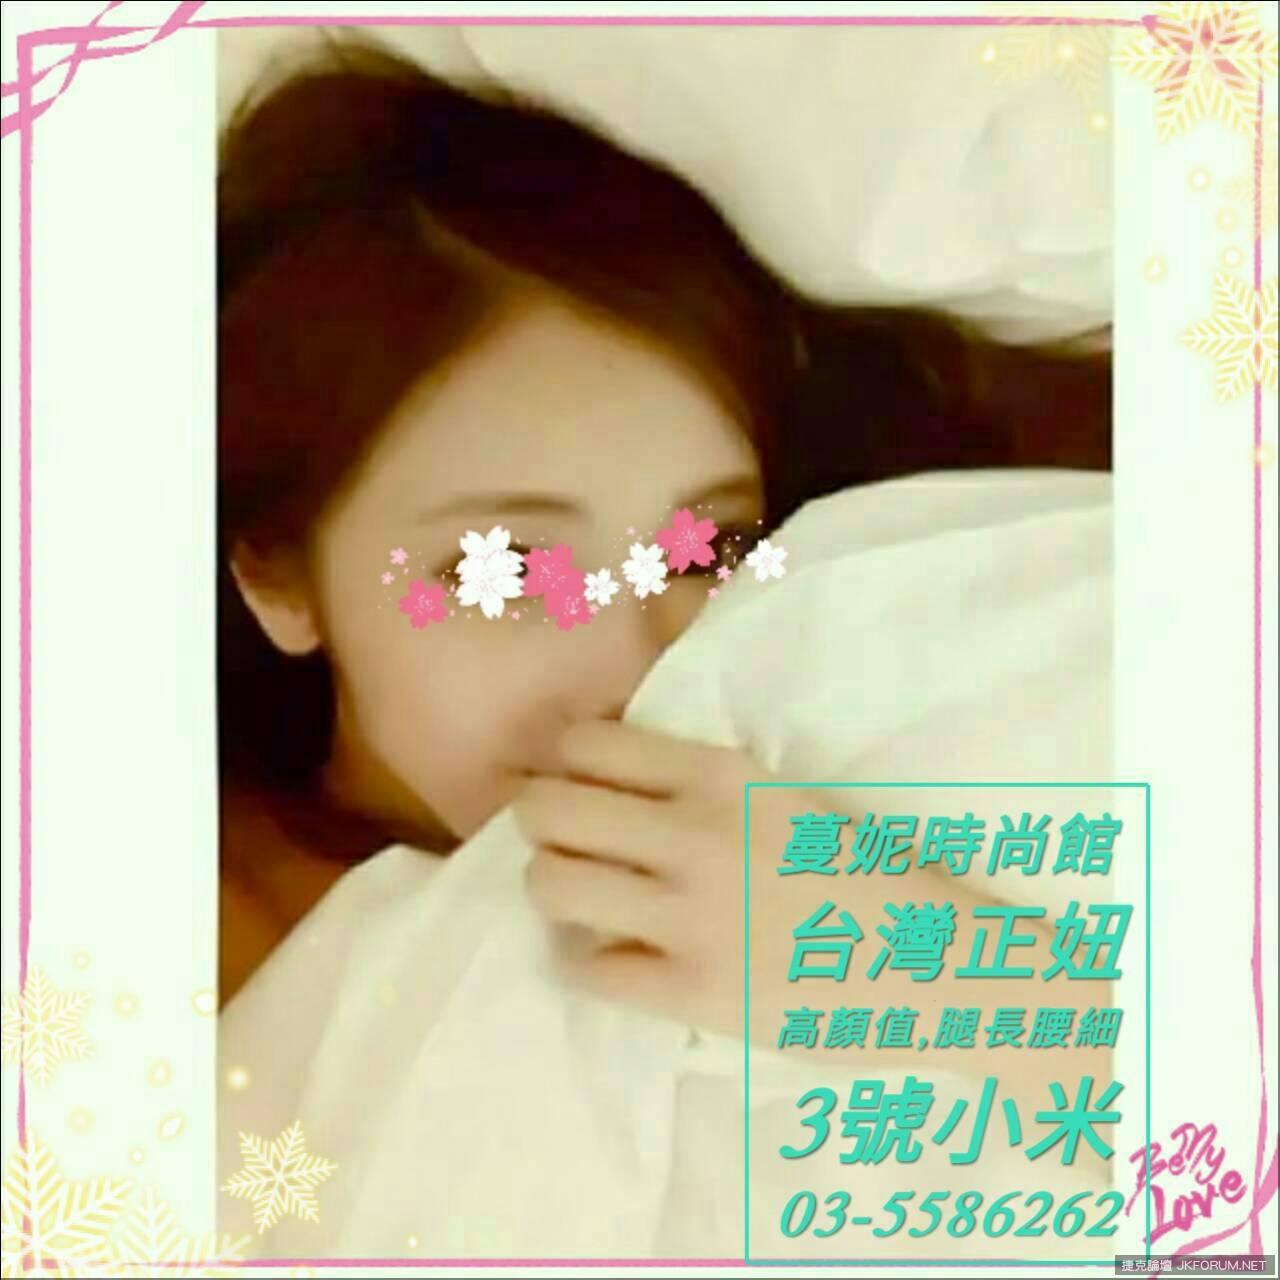 小米-1.jpg